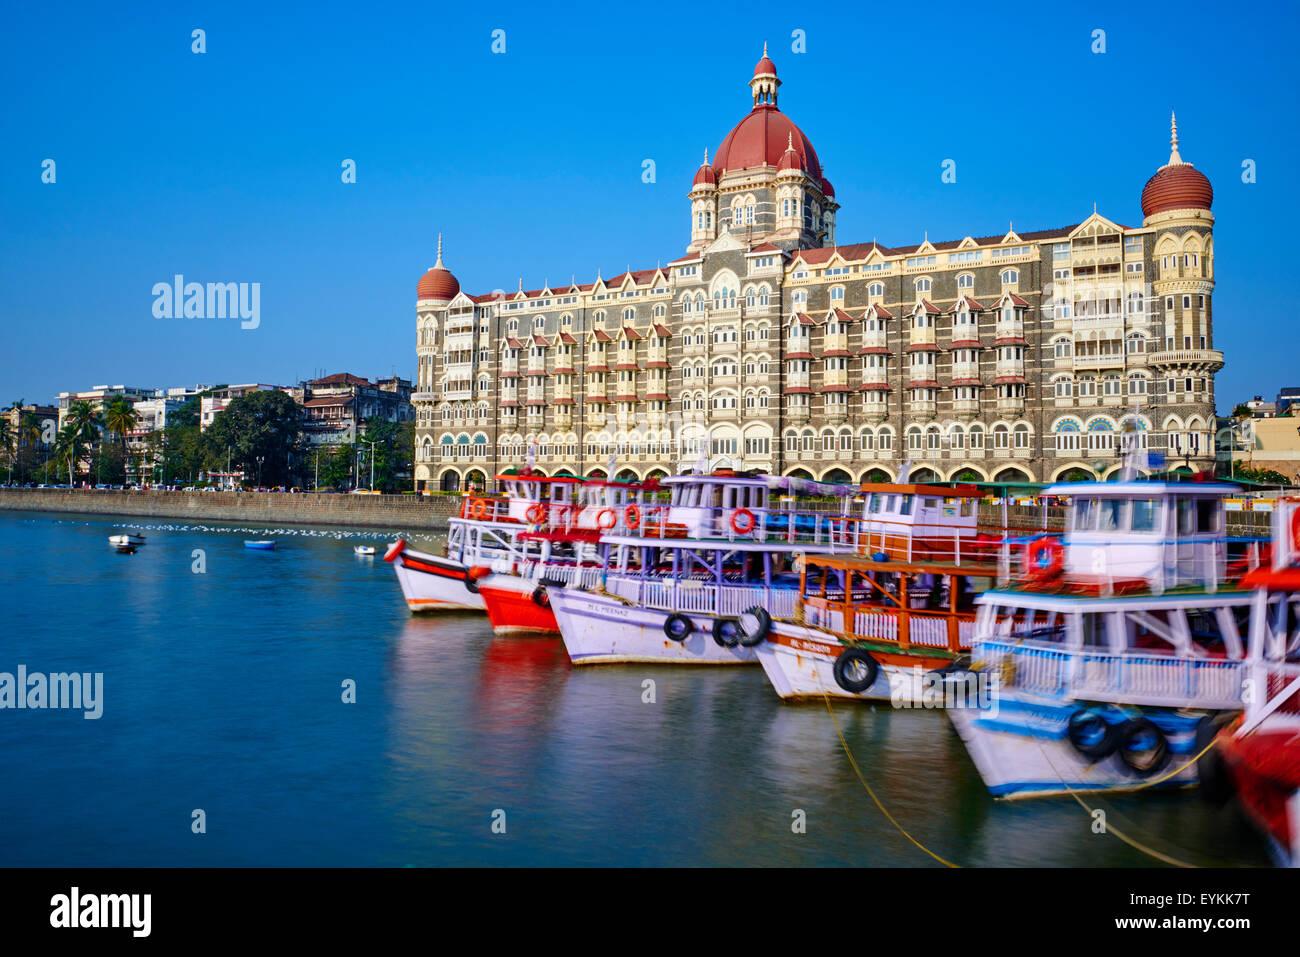 La India, Maharashtra, Mumbai (Bombay), el Taj Mahal Palace hotel Imagen De Stock